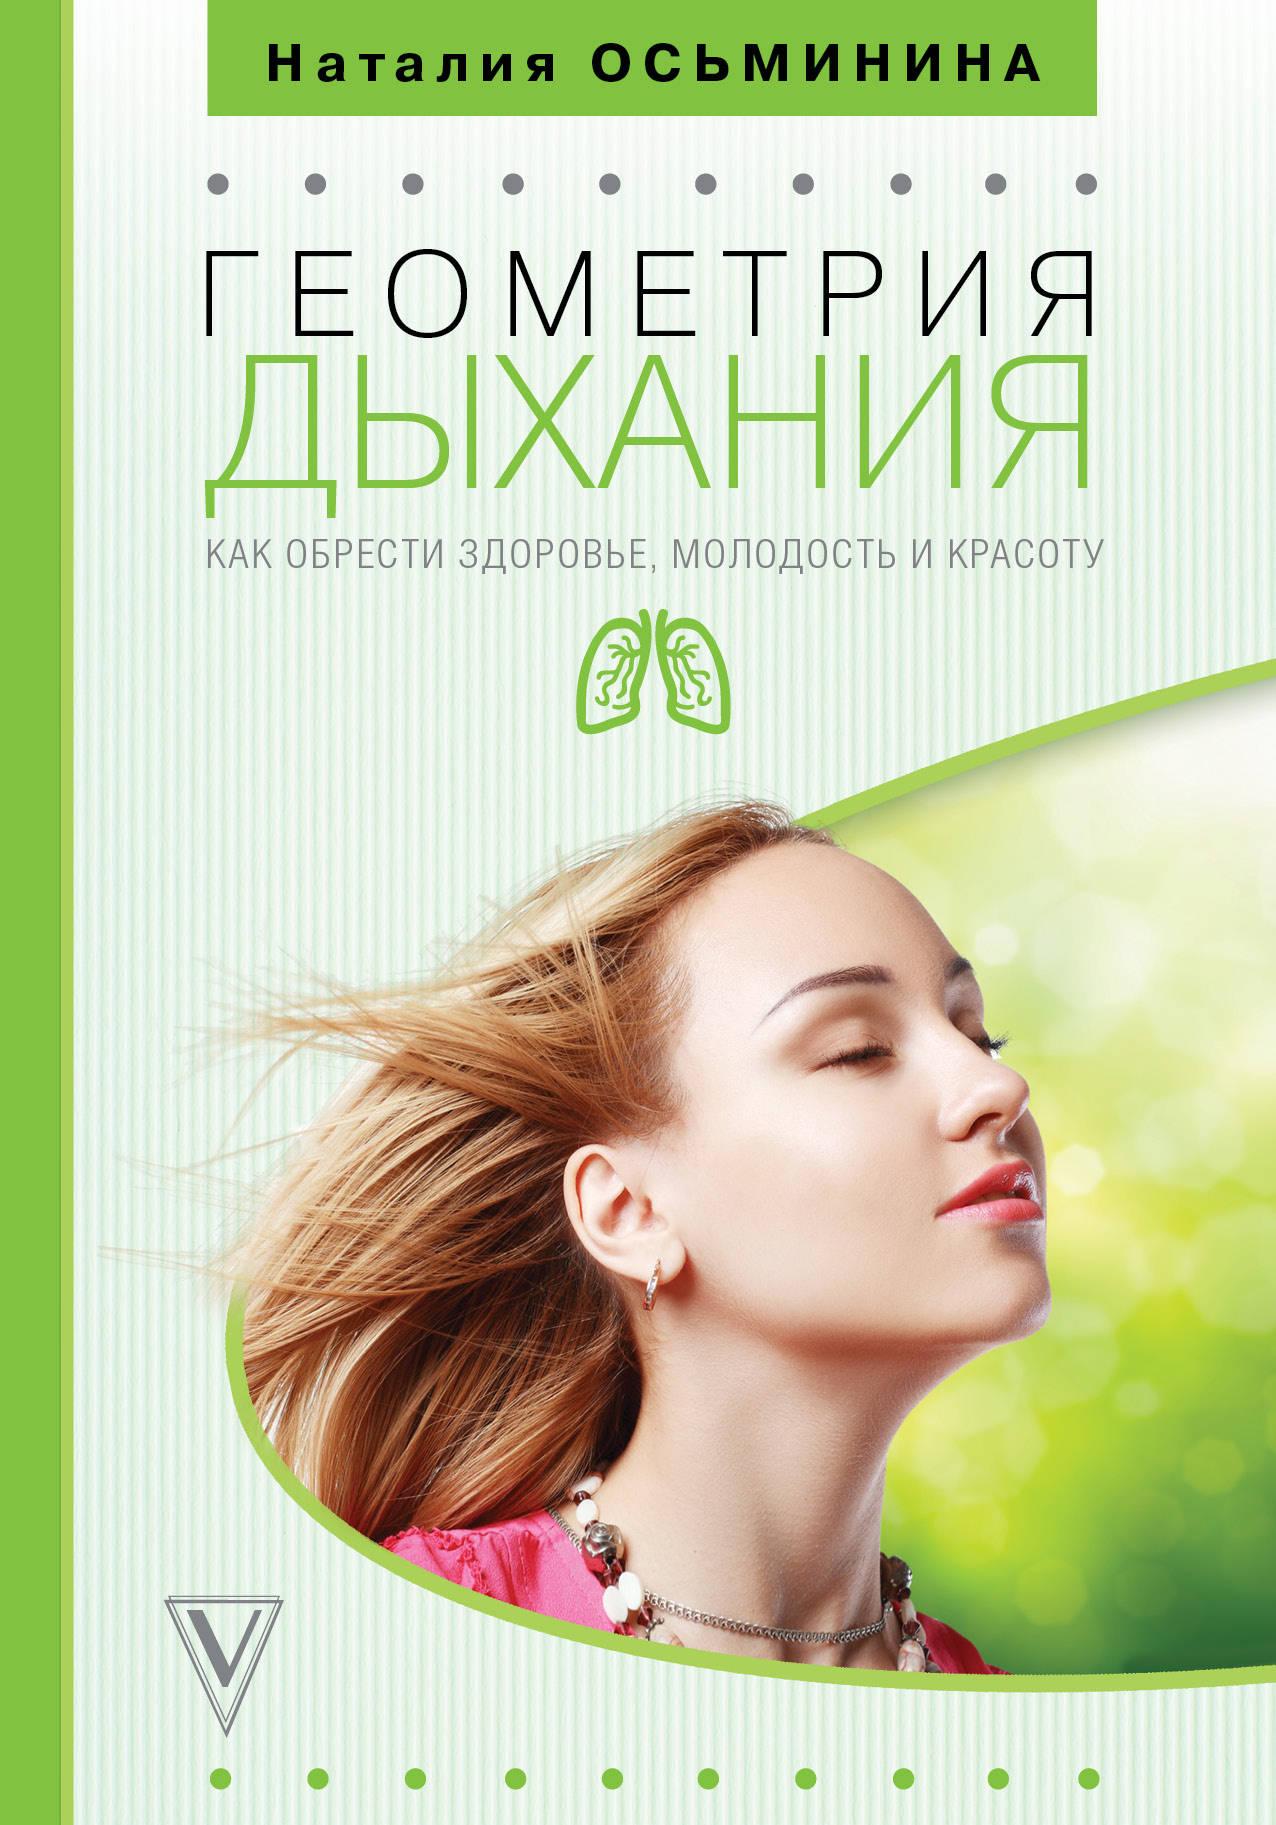 Геометрия дыхания. Как обрести здоровье, молодость и красоту. Осьминина Наталия Борисовна